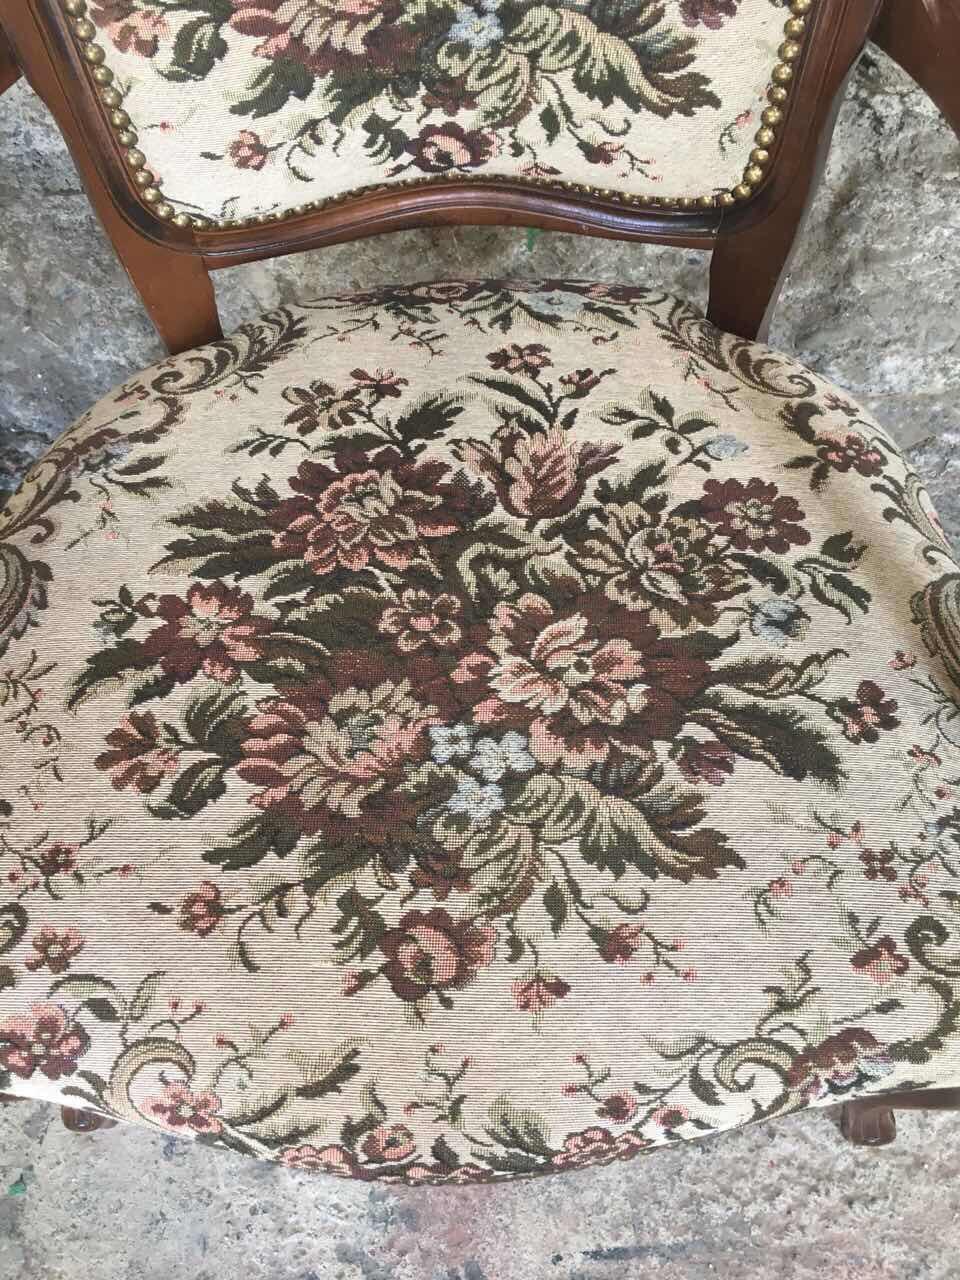 Антикварная мебель: пара кресел с гобеленом 181103001